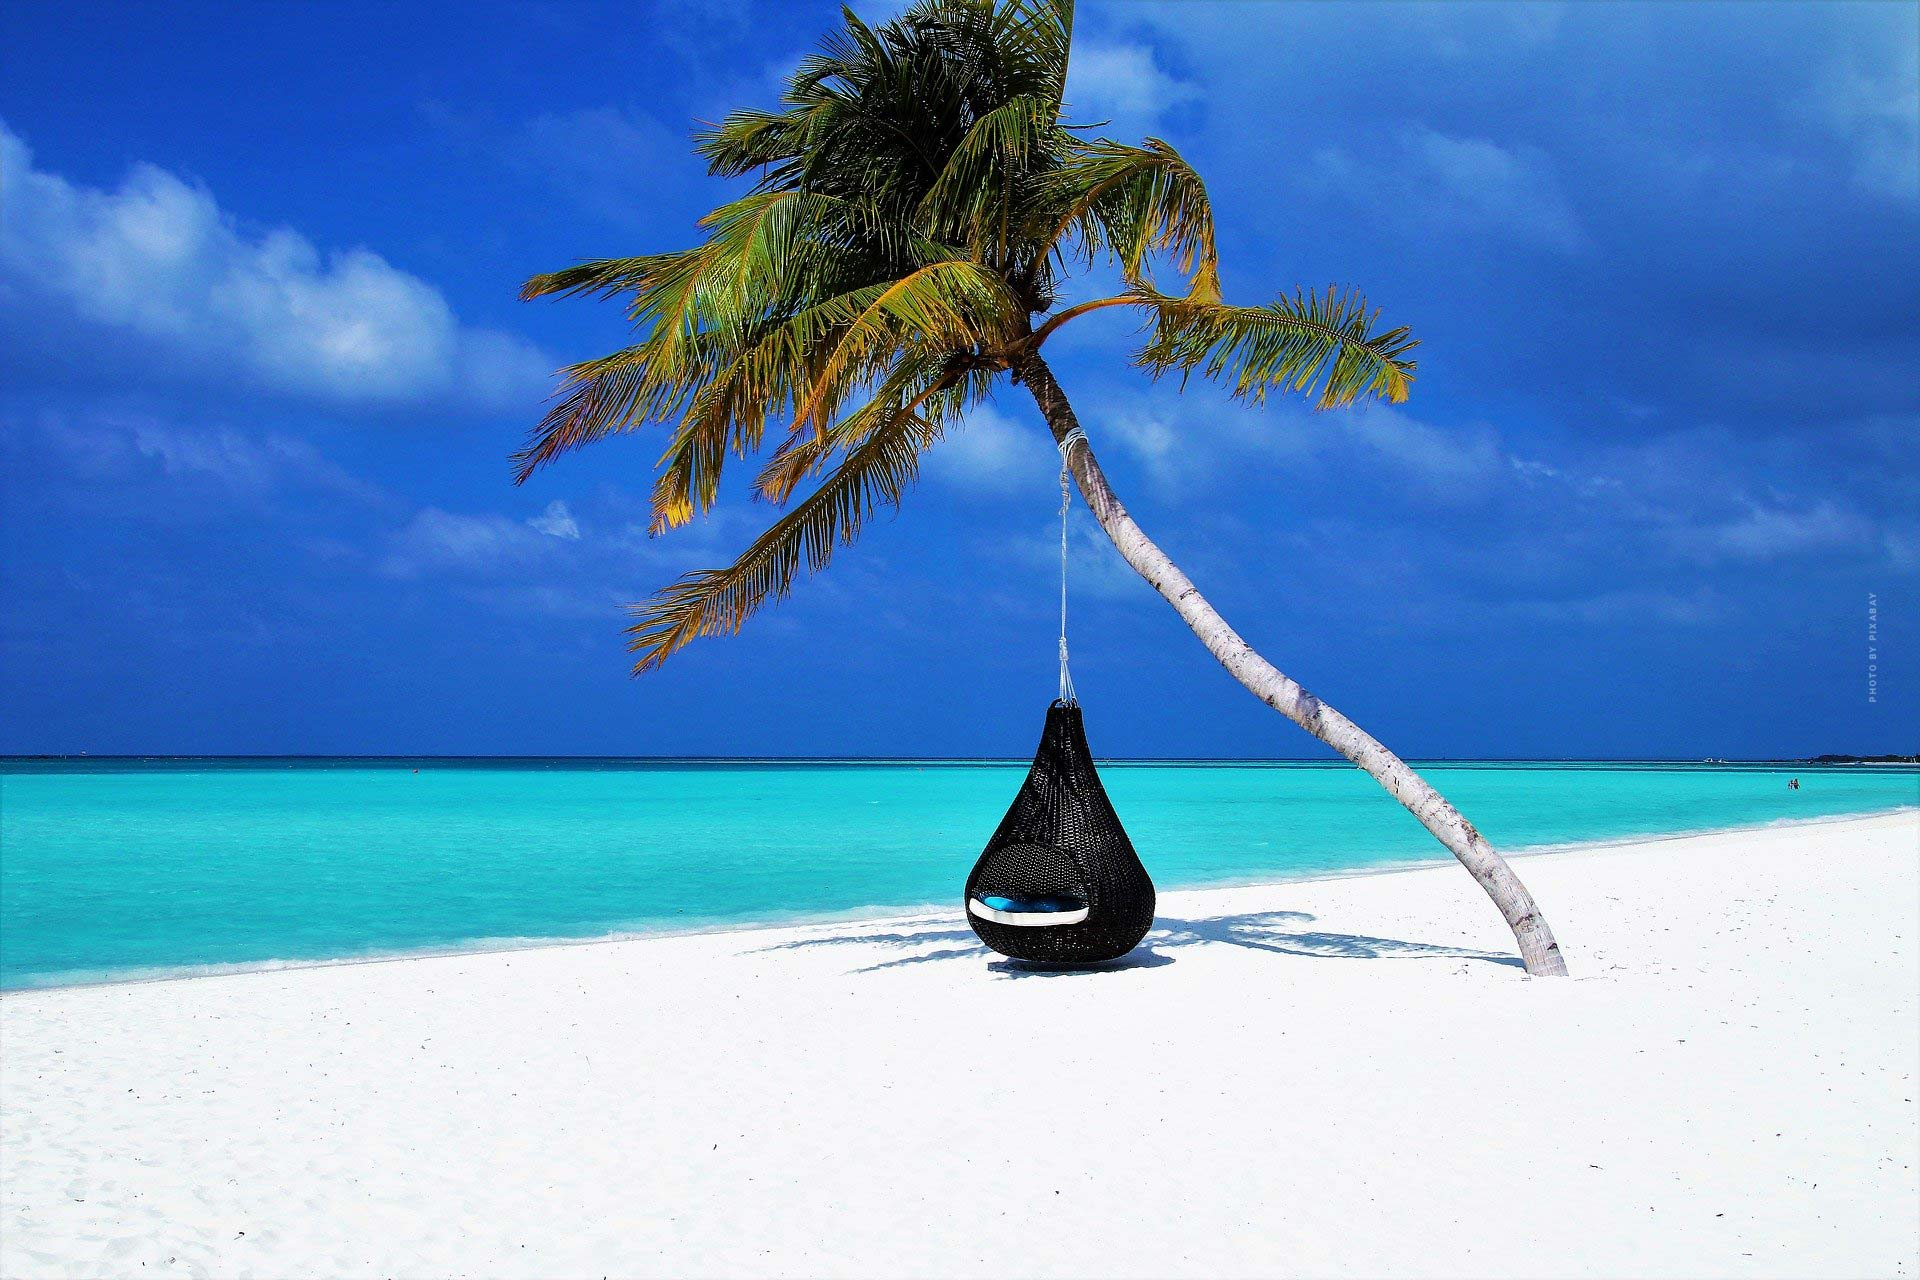 Lista delle vacanze: Le cose più importanti per il festival, le vacanze estive e lo zaino in spalla